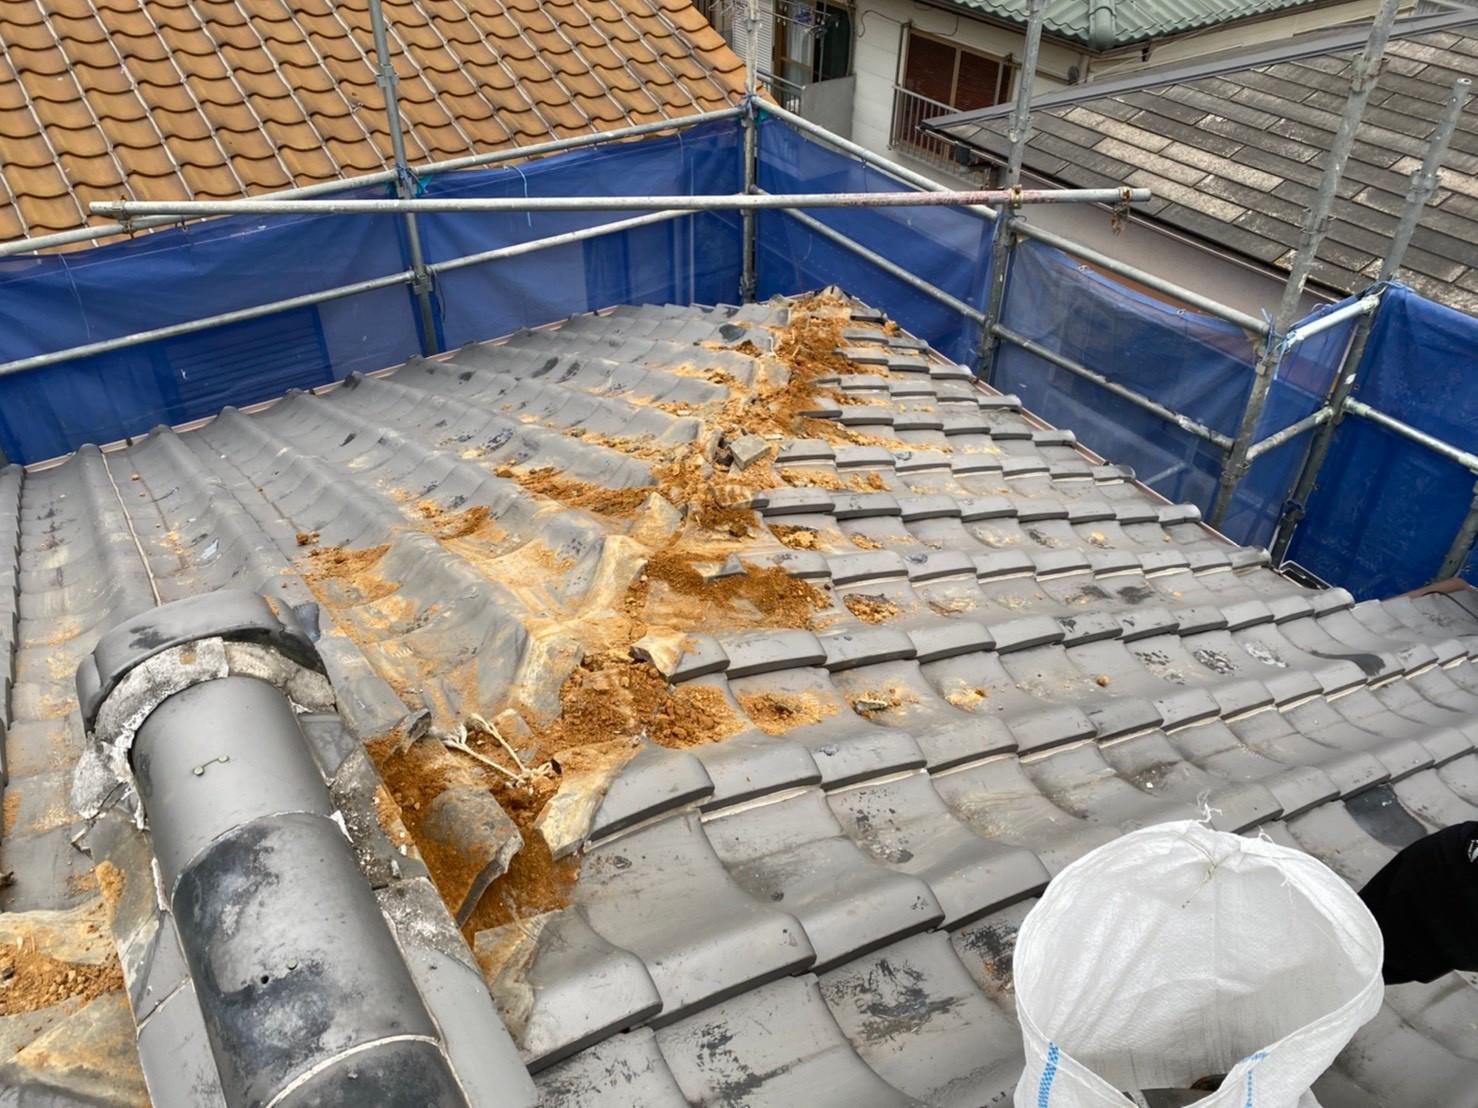 三木市での瓦屋根修理で棟瓦を撤去した様子